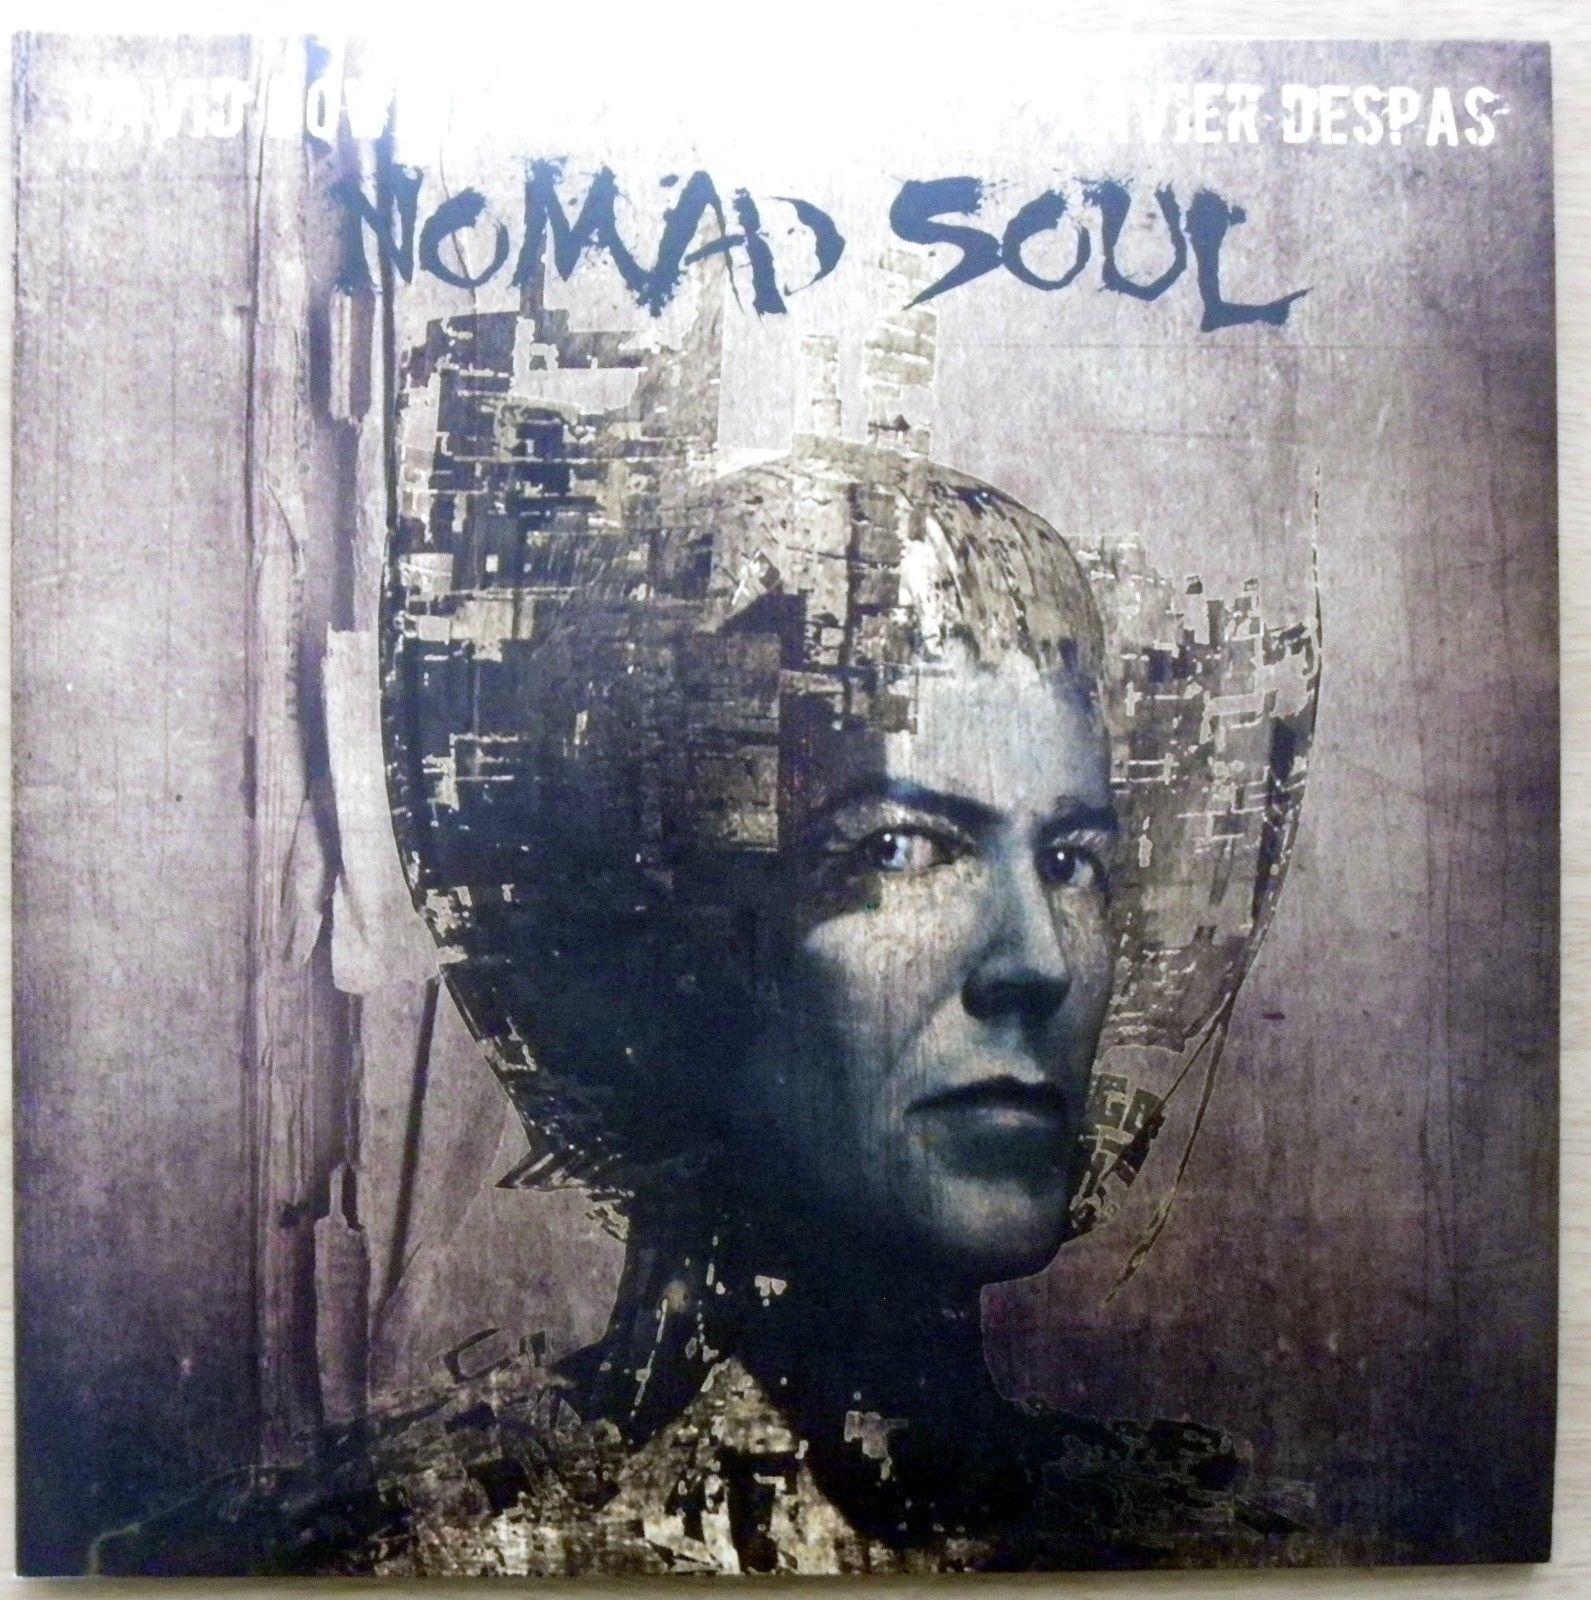 David Bowie - Nomad Soul rare vinyl LP limited edition no. 080/250